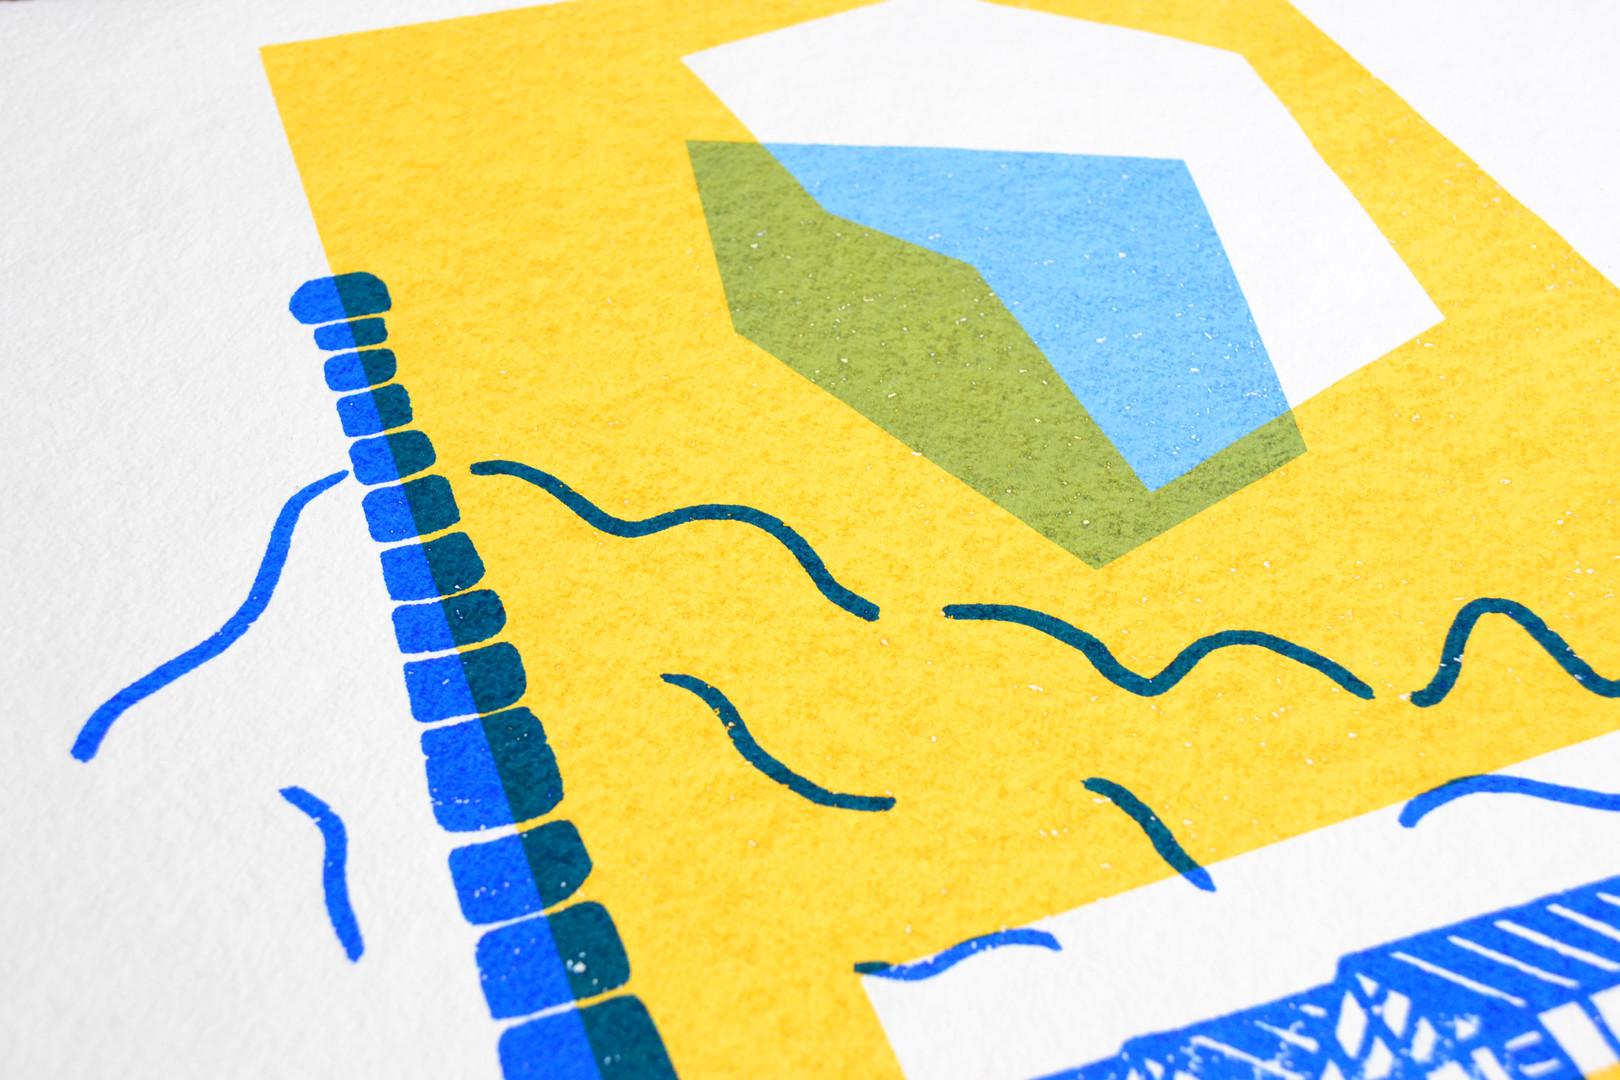 Papier augmenté